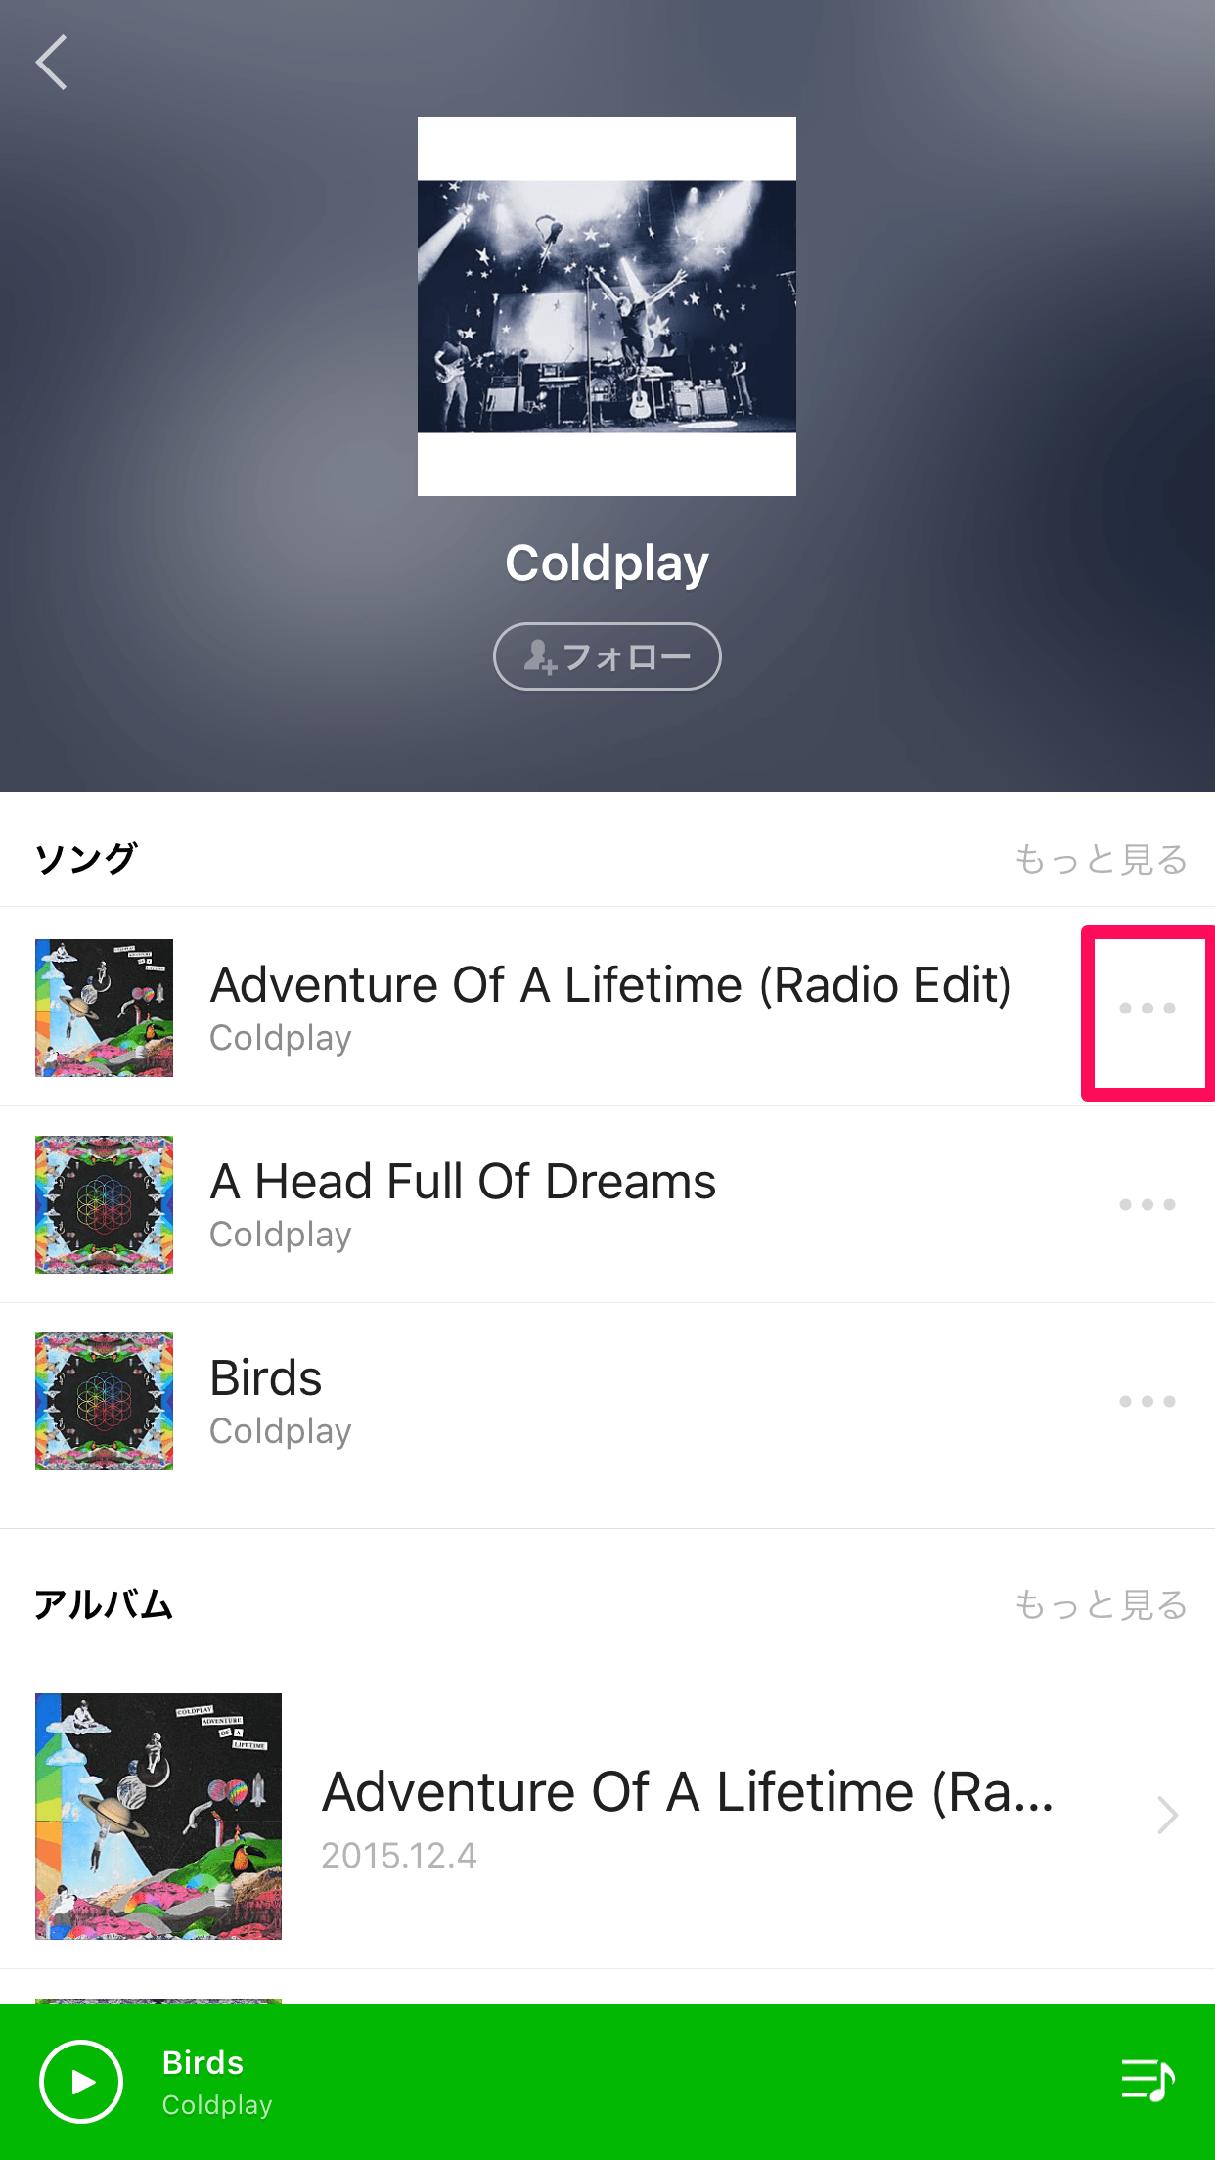 ダウンロードしたい曲を選択する